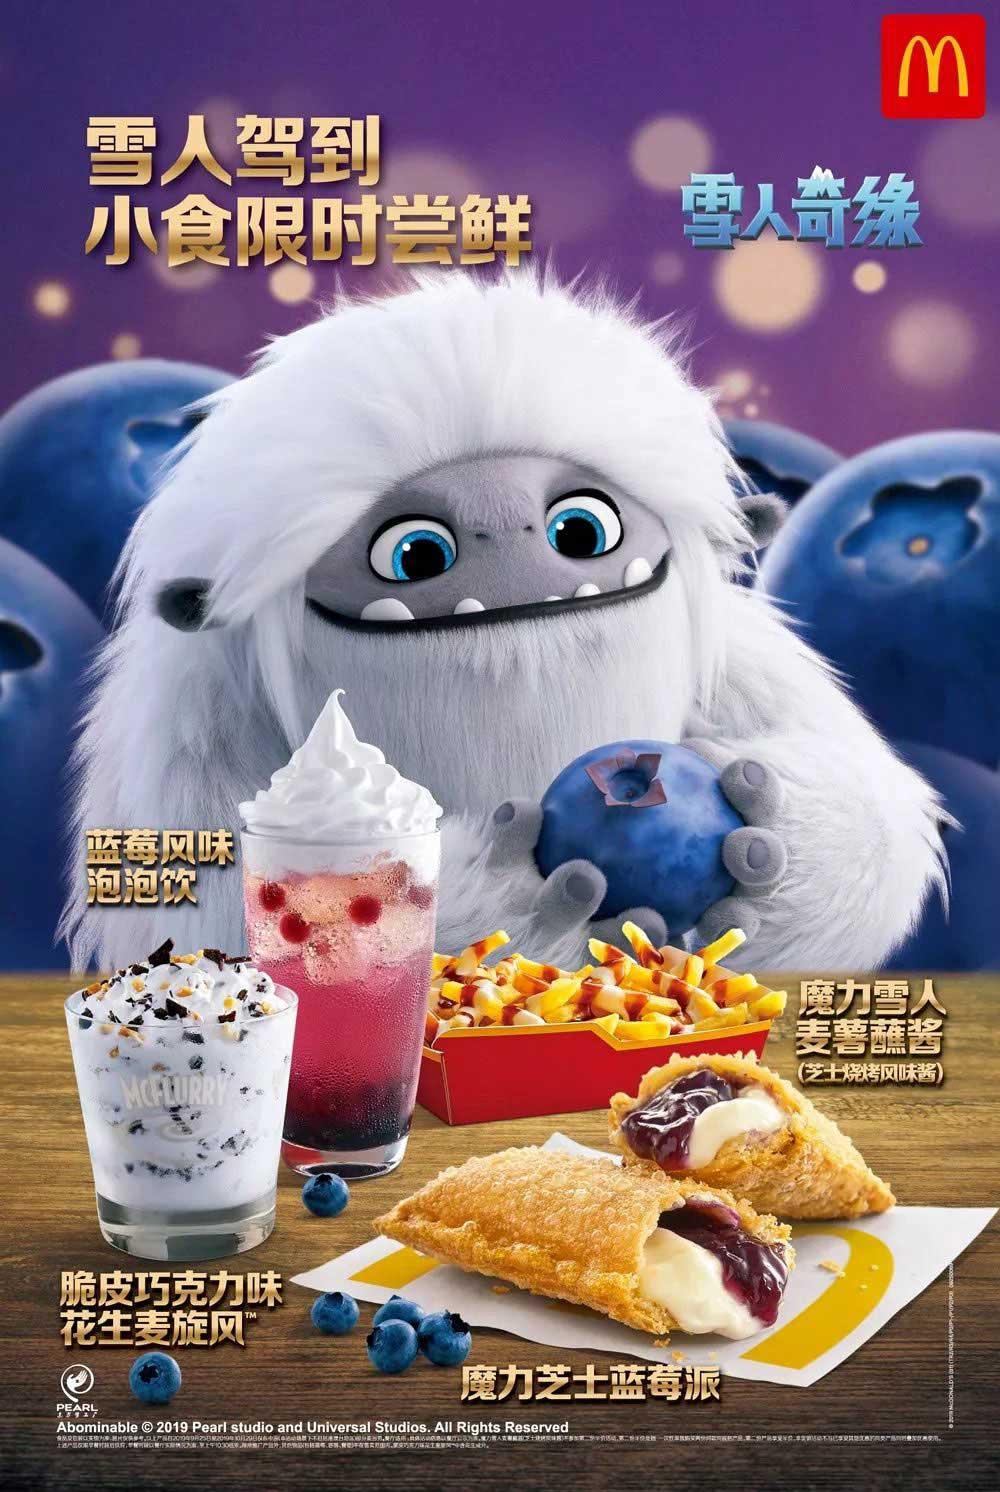 麦当劳雪人奇缘小食限时尝鲜,魔力雪人麦薯蘸酱、魔力芝士蓝莓派,有效期自2019年09月25日到2019年10月29日